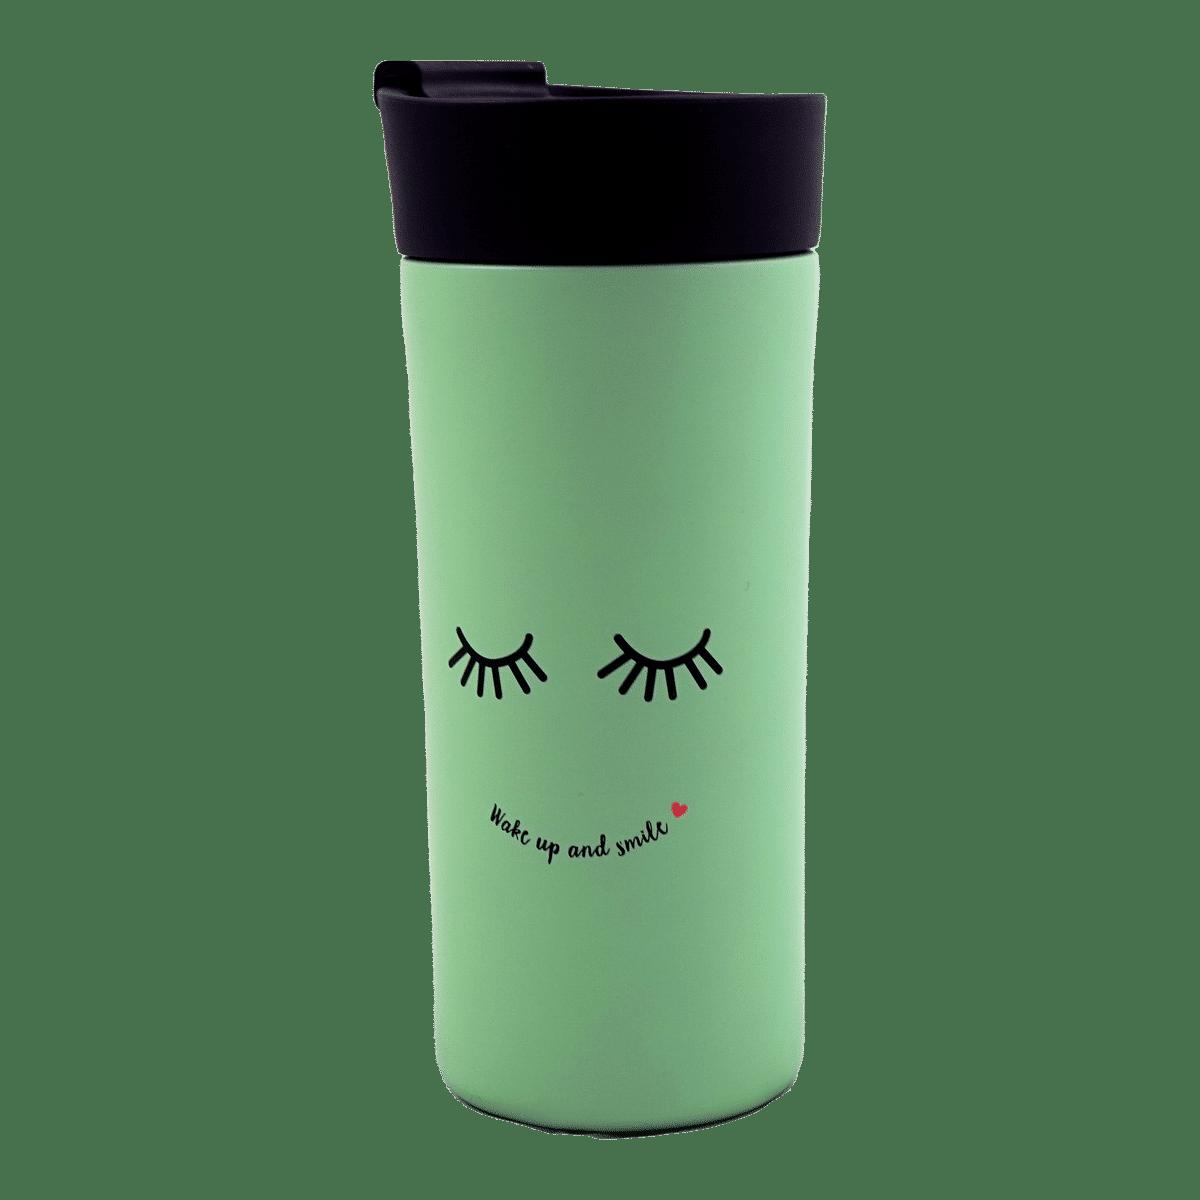 Termosmugg i rostfritt stål - mintgrön med ett ansikte